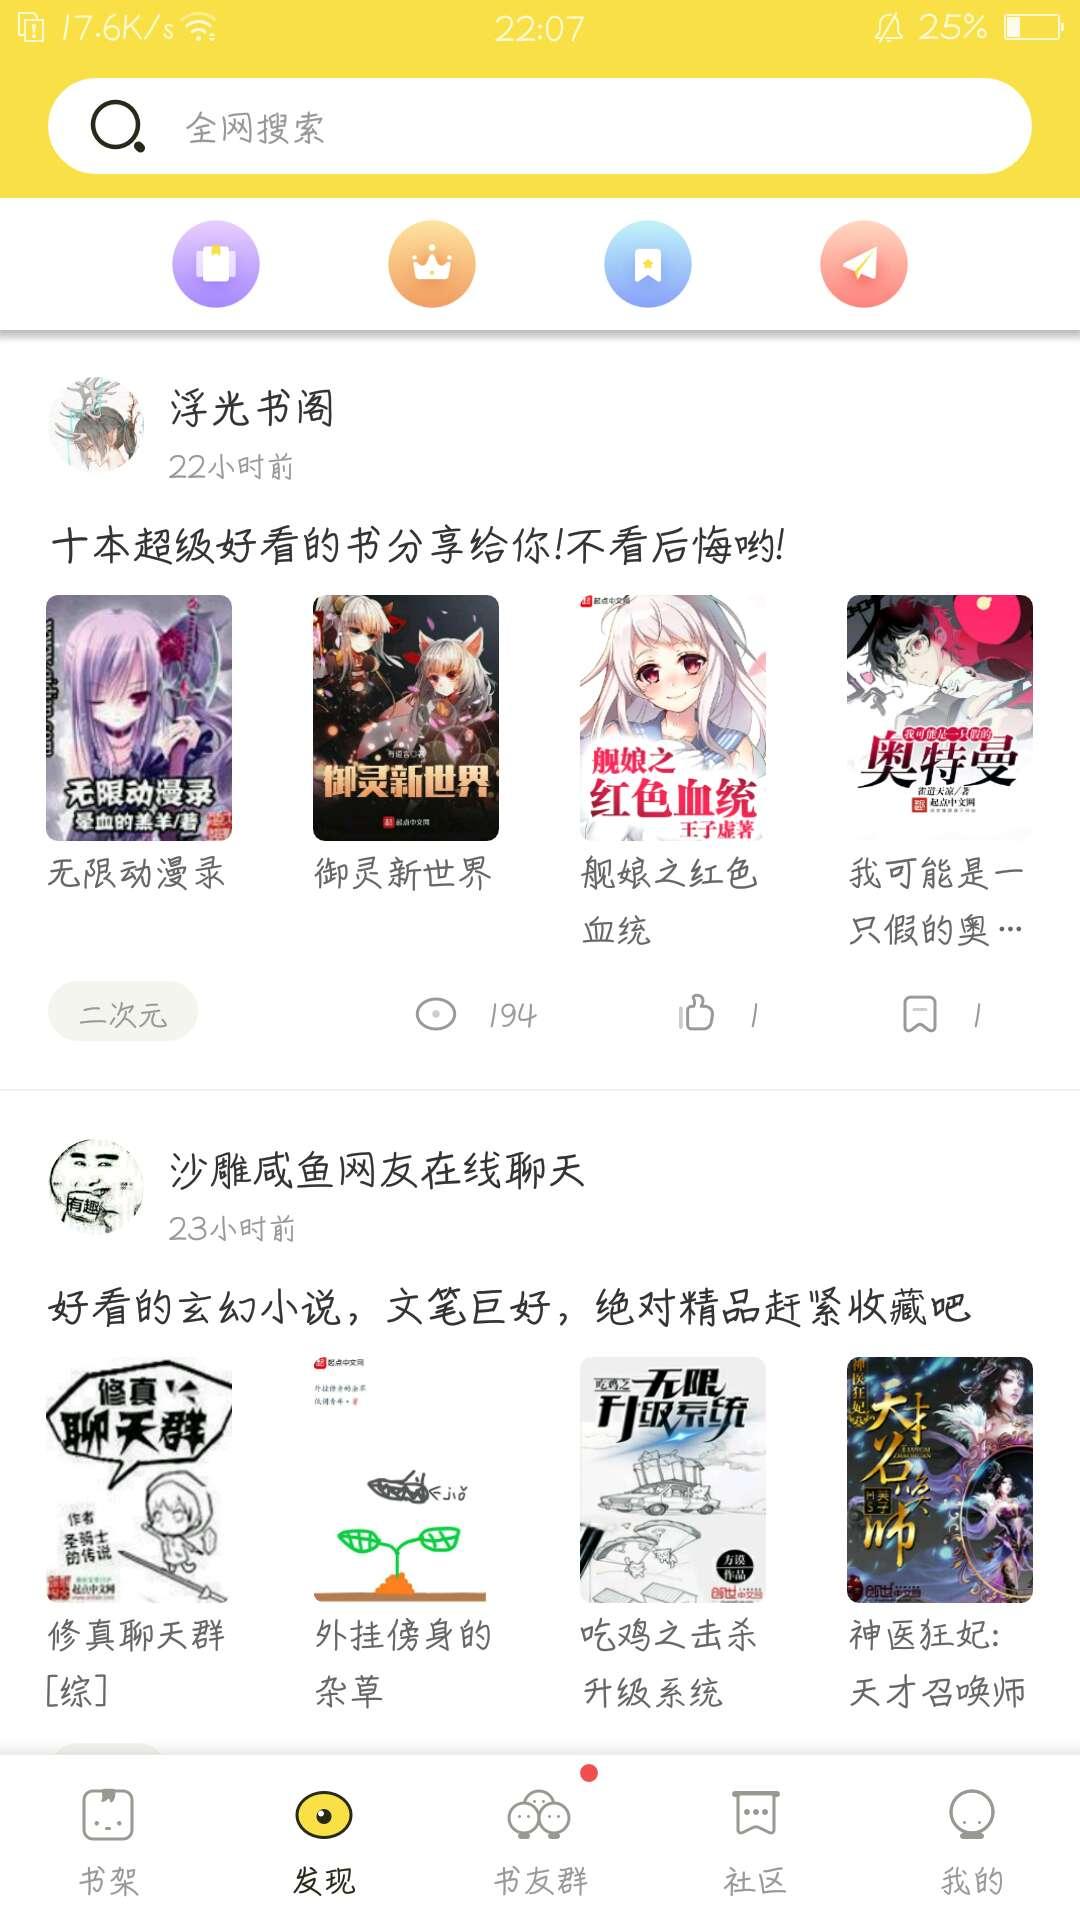 【分享】超超超好用的无广告免费小说阅读软件!柚子强烈推荐呦-爱小助